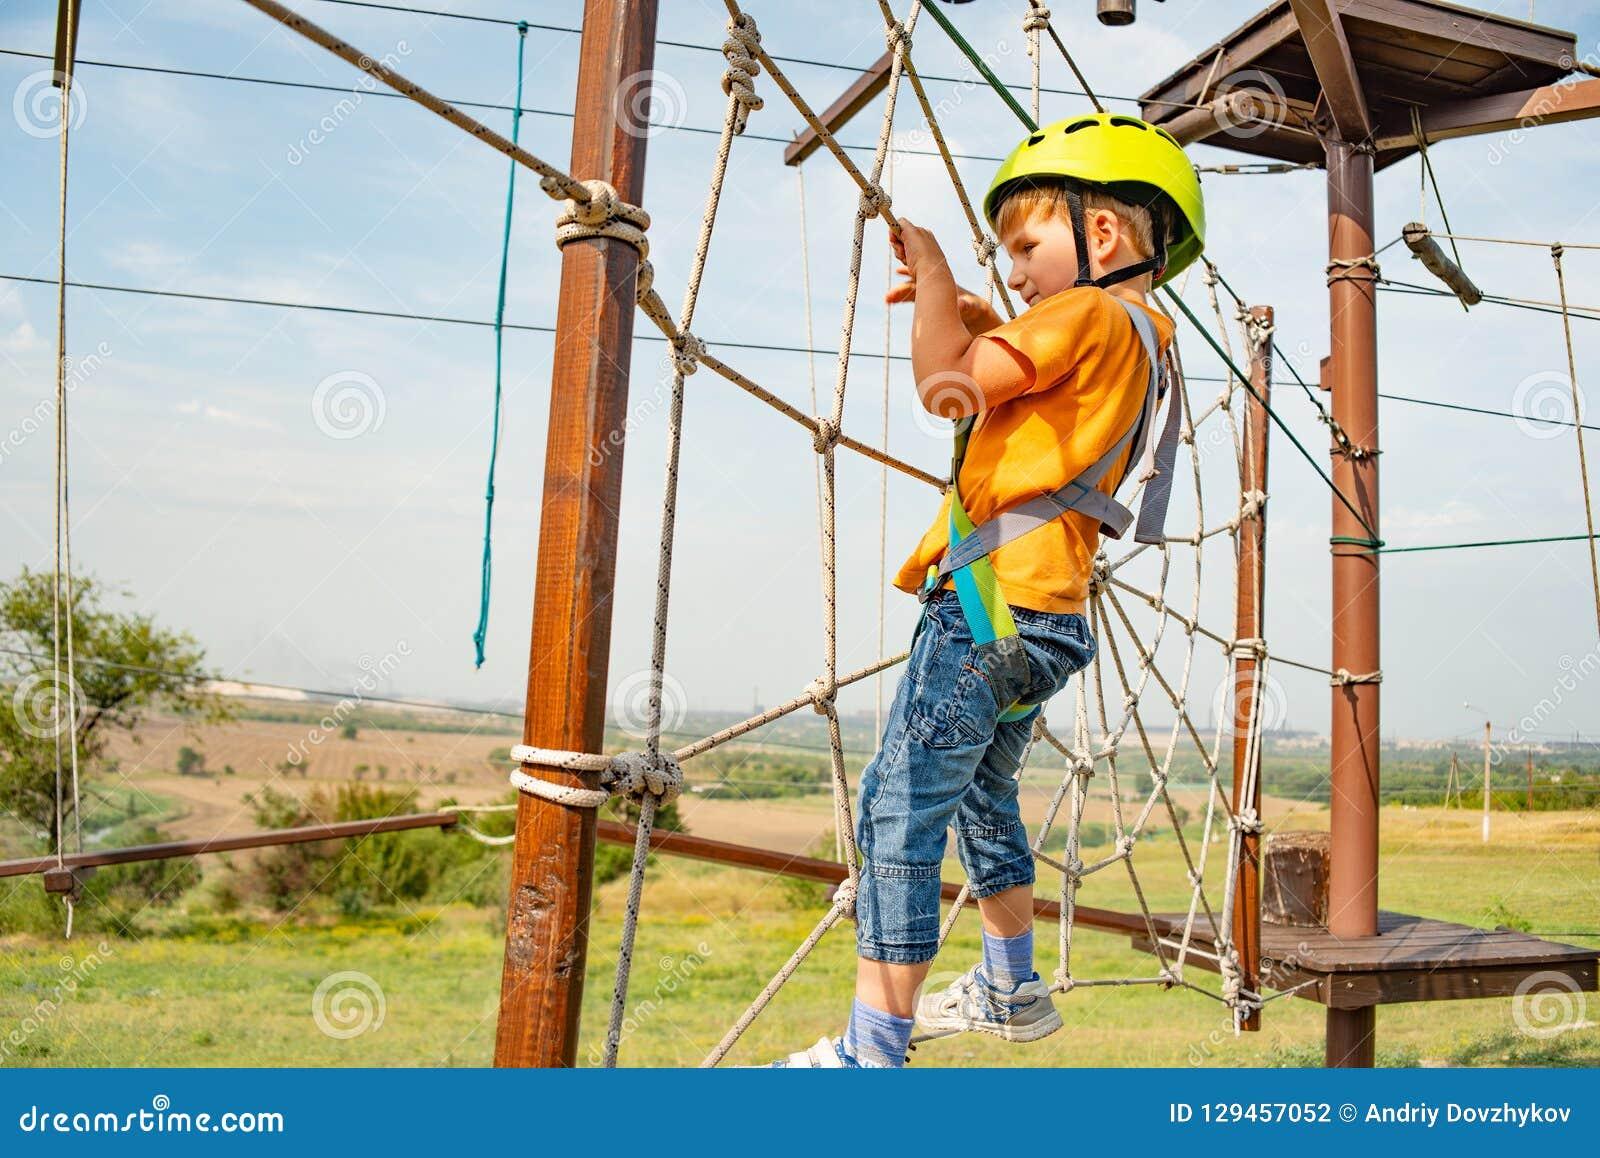 Un ragazzo in un casco giallo supera un ostacolo sulla cabina di funivia in un parco estremo